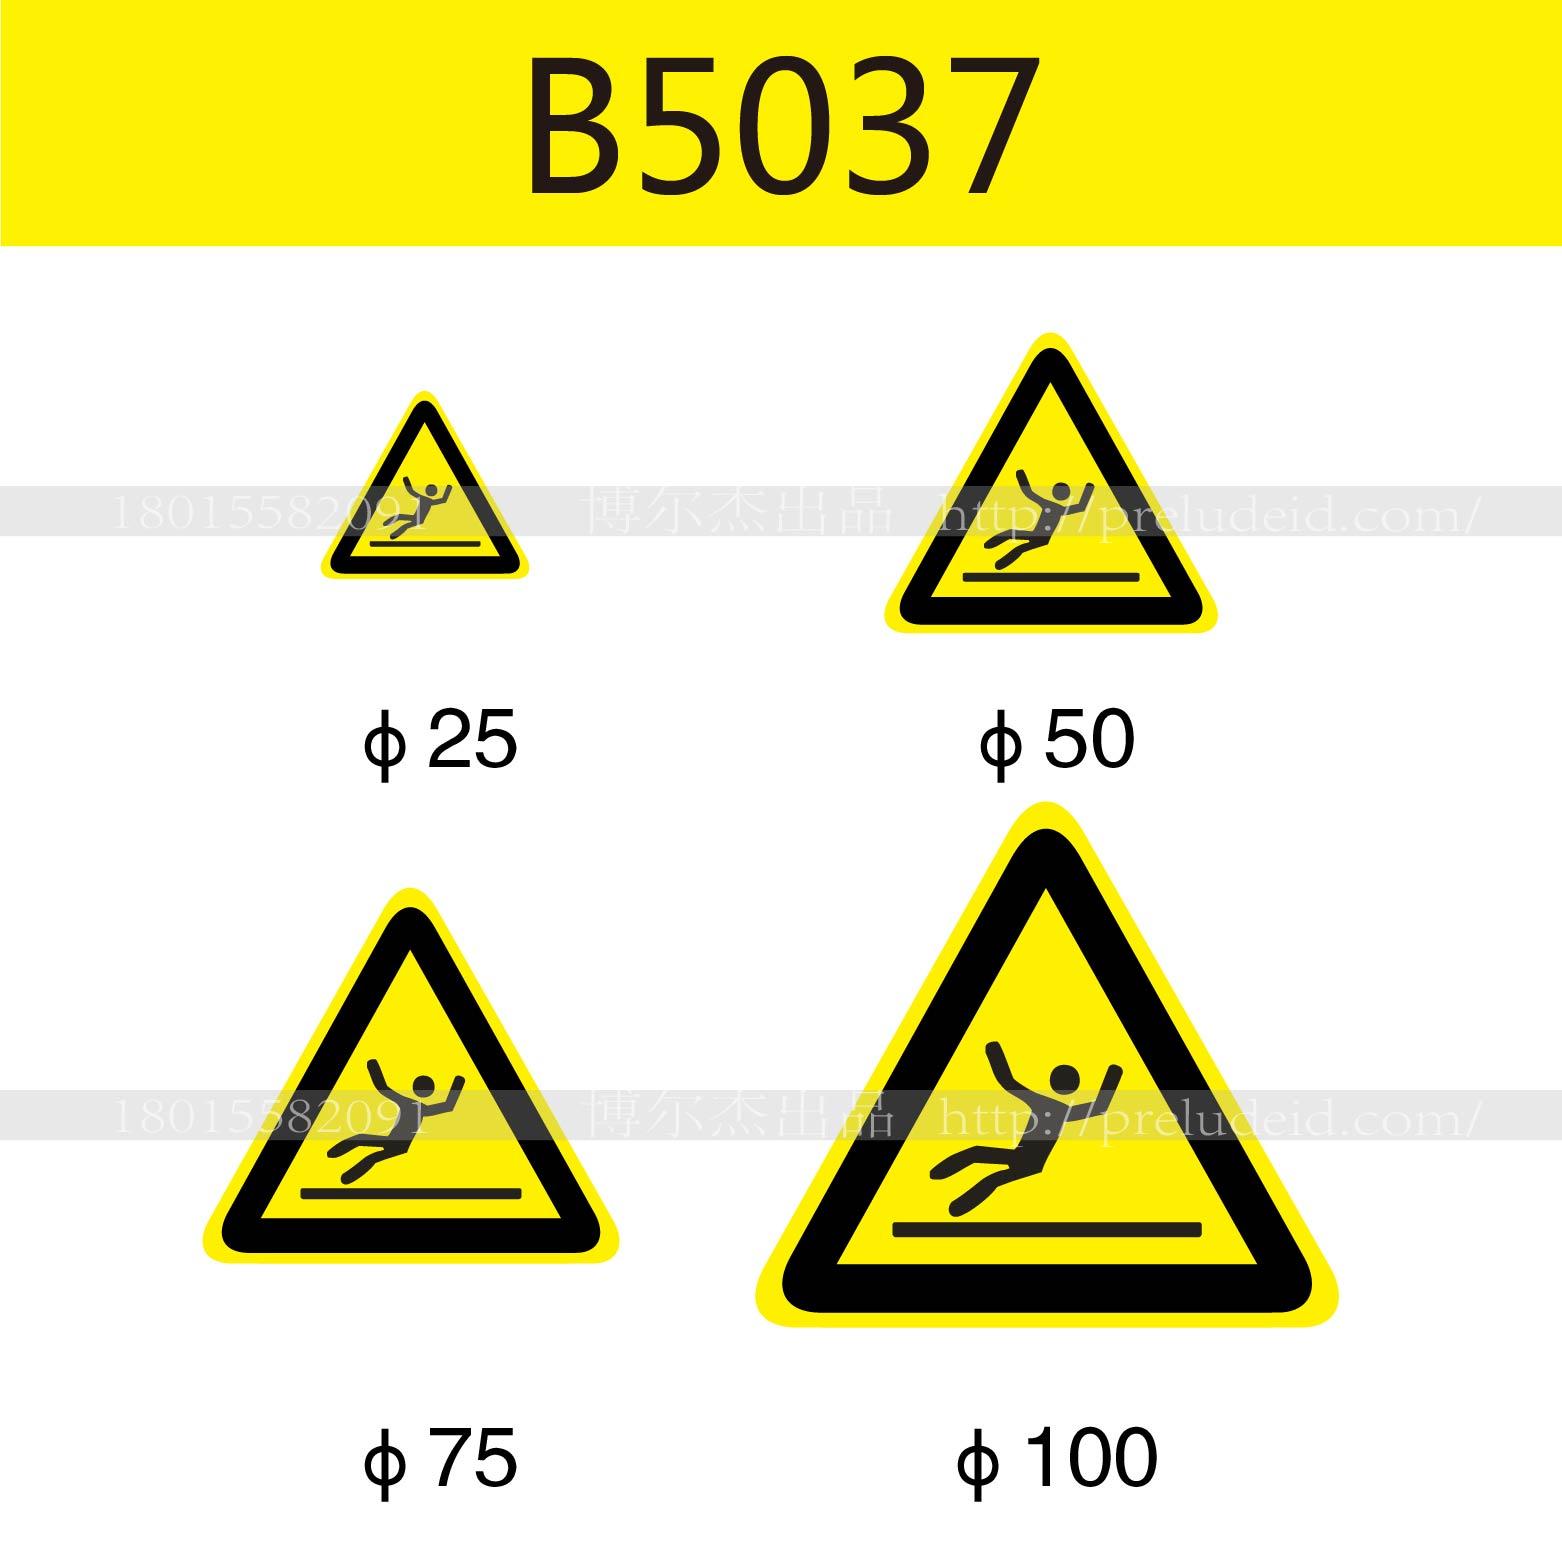 博尔杰 安全标签  安全标语牌 安全标语贴 标识厂家 丝印标签 安全标示牌 B5037